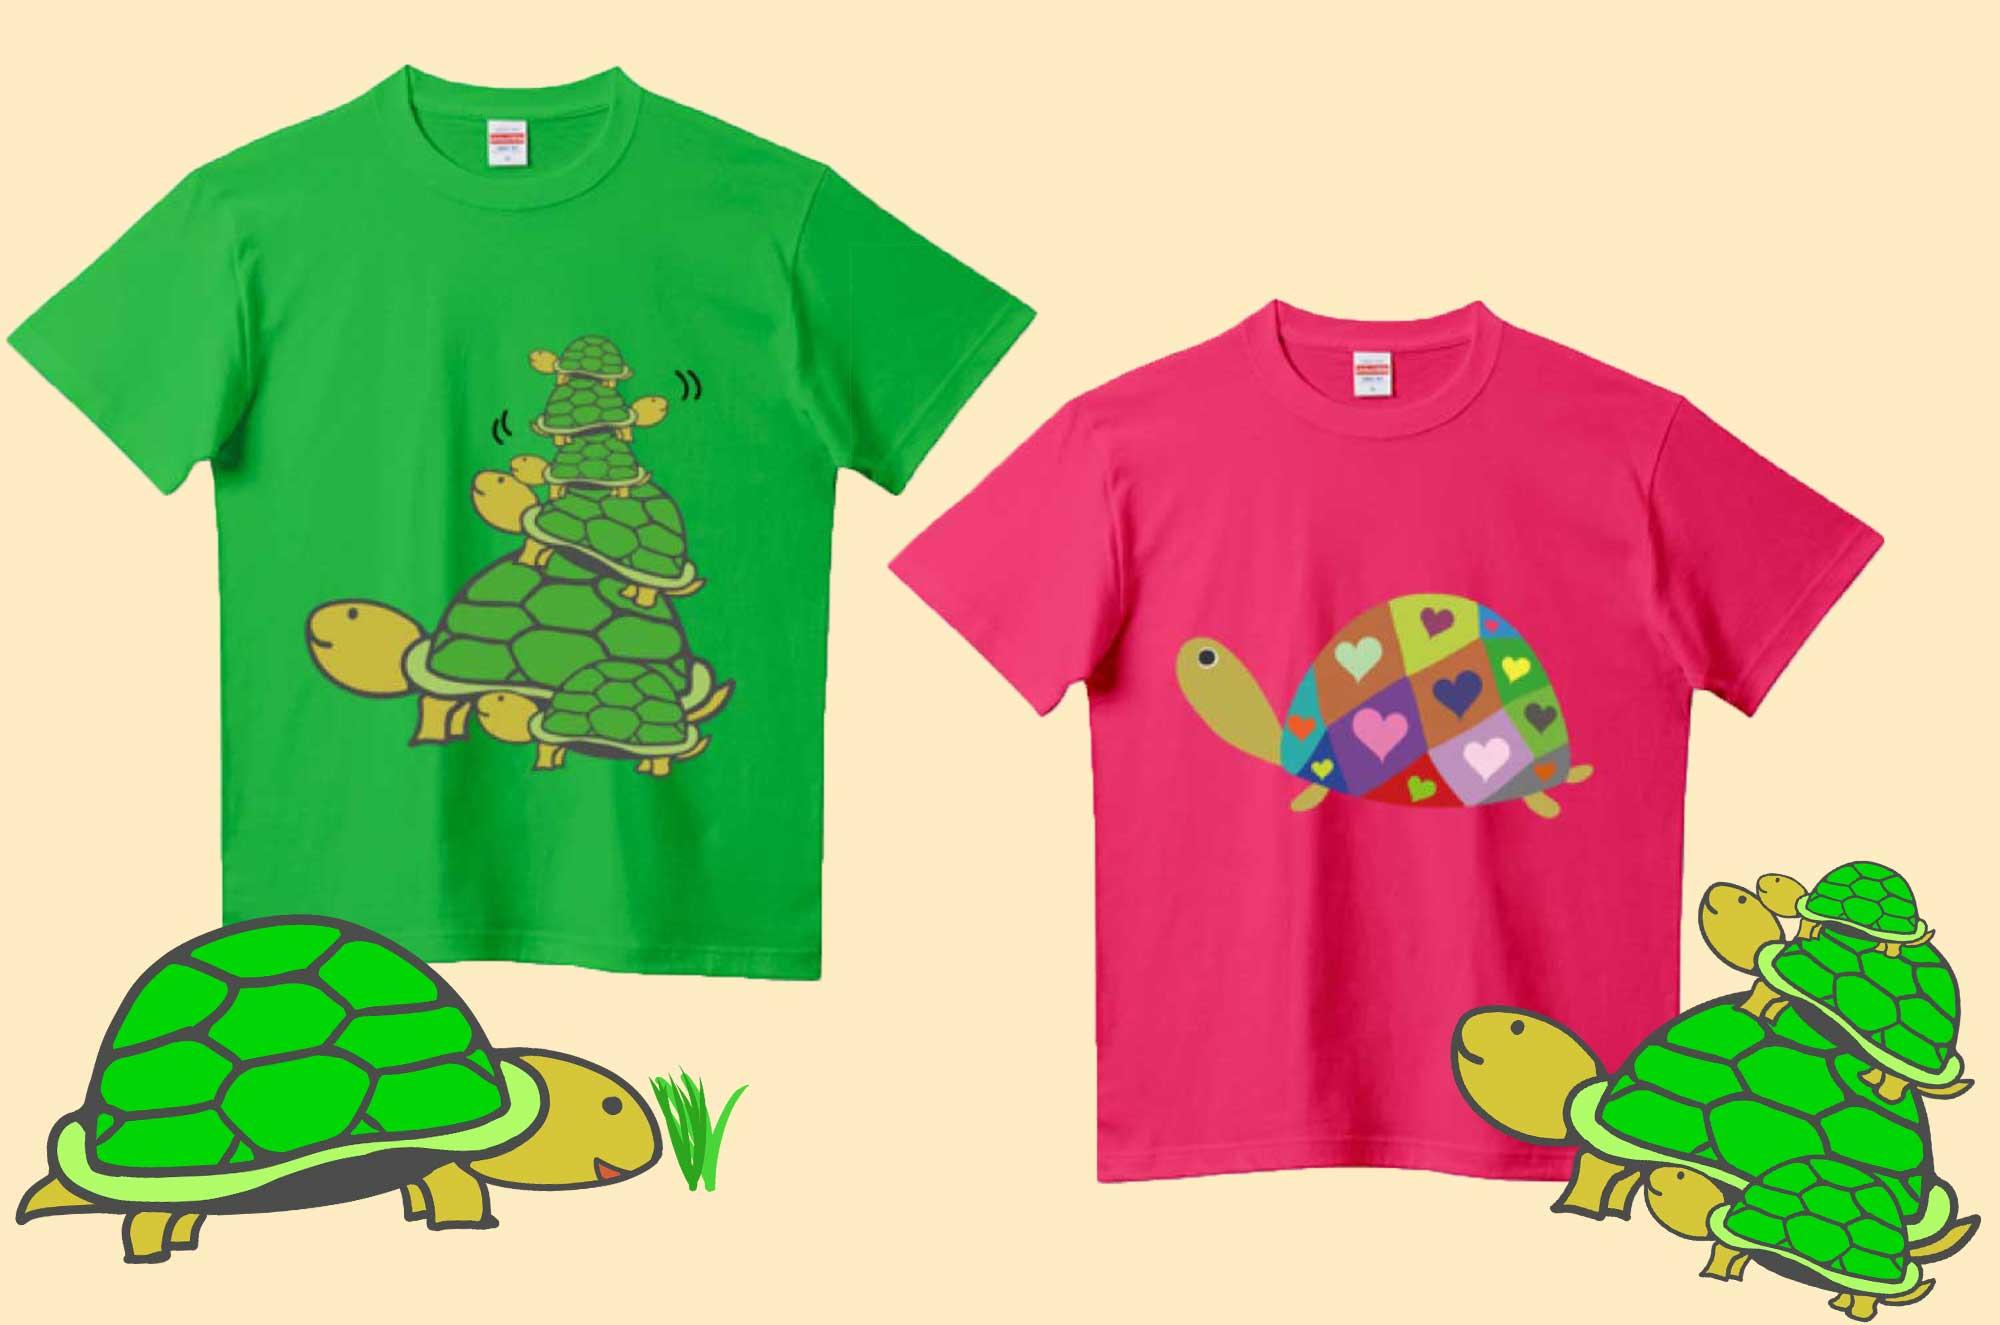 かわいい亀のTシャツがここに集結!人気のイラストT